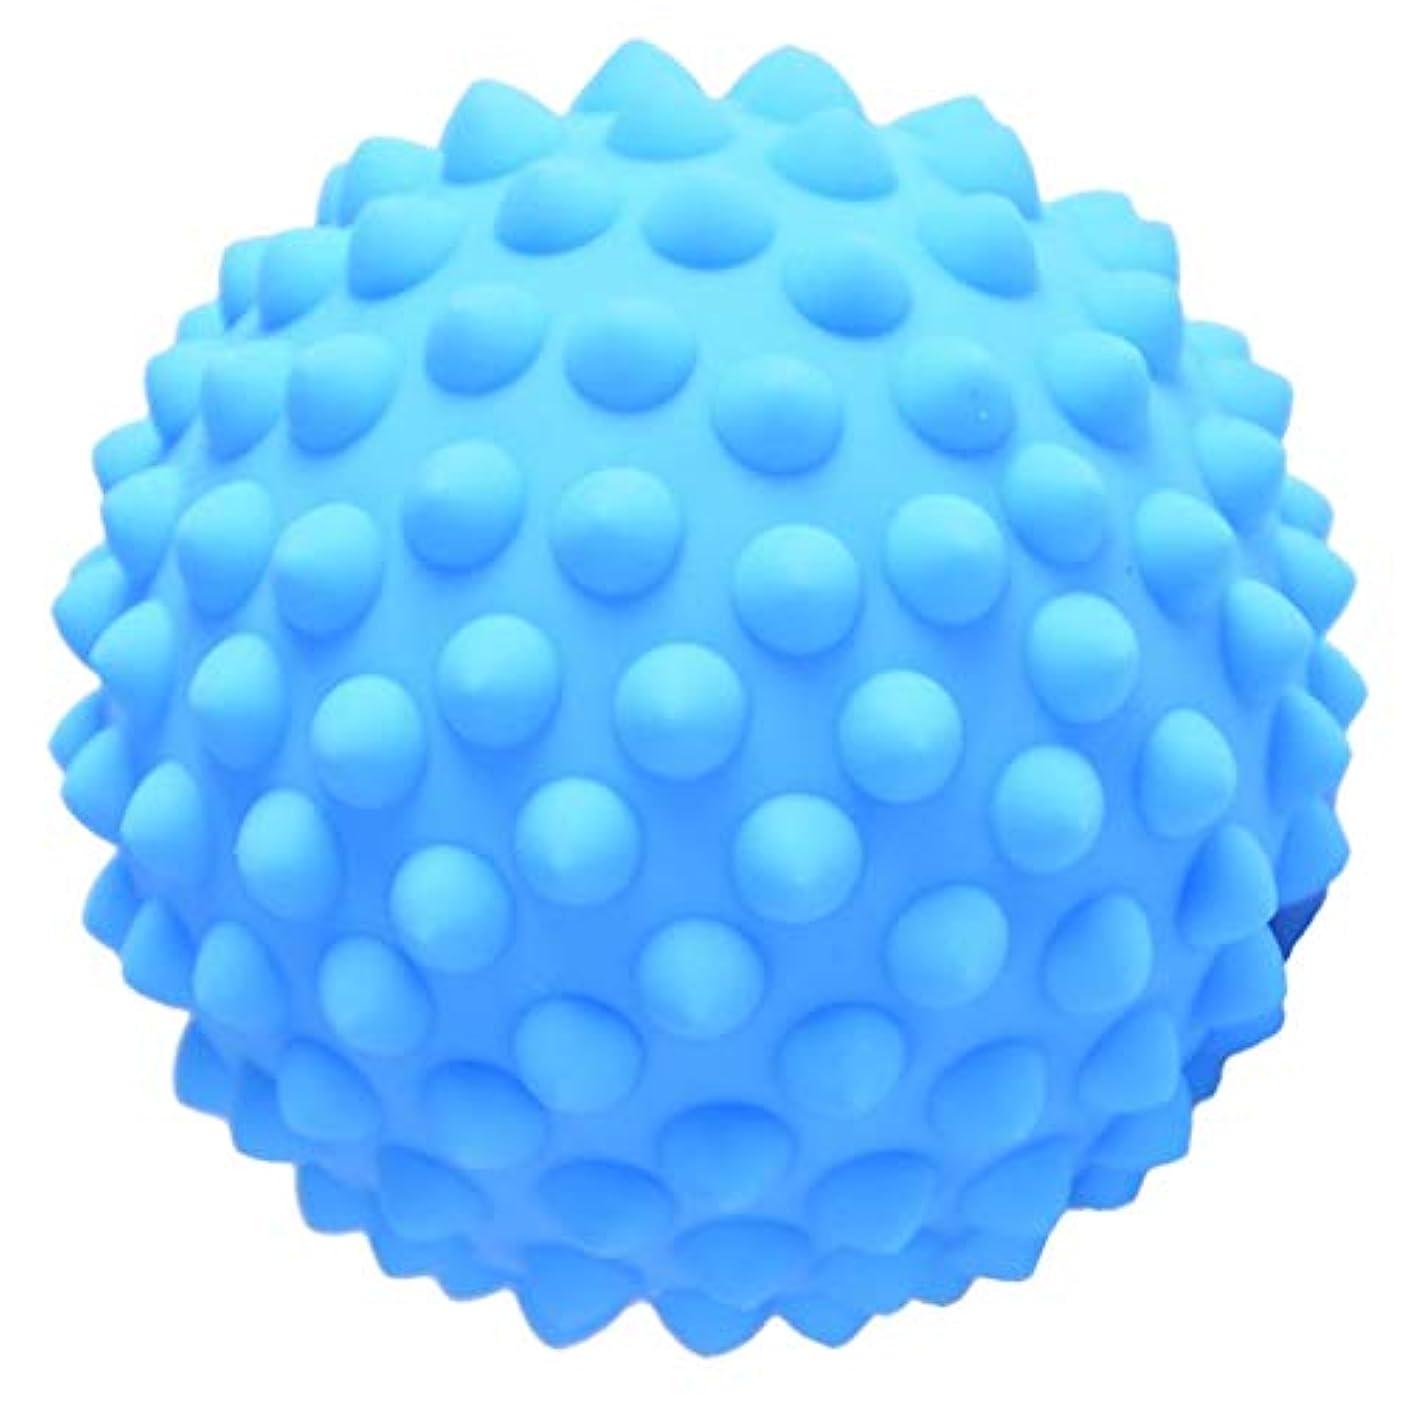 プレーヤー強風薄いハードPVC 9センチのとがったマッサージローラーボール指圧ボディリラクゼーションマッサージ - 青, 説明のとおり